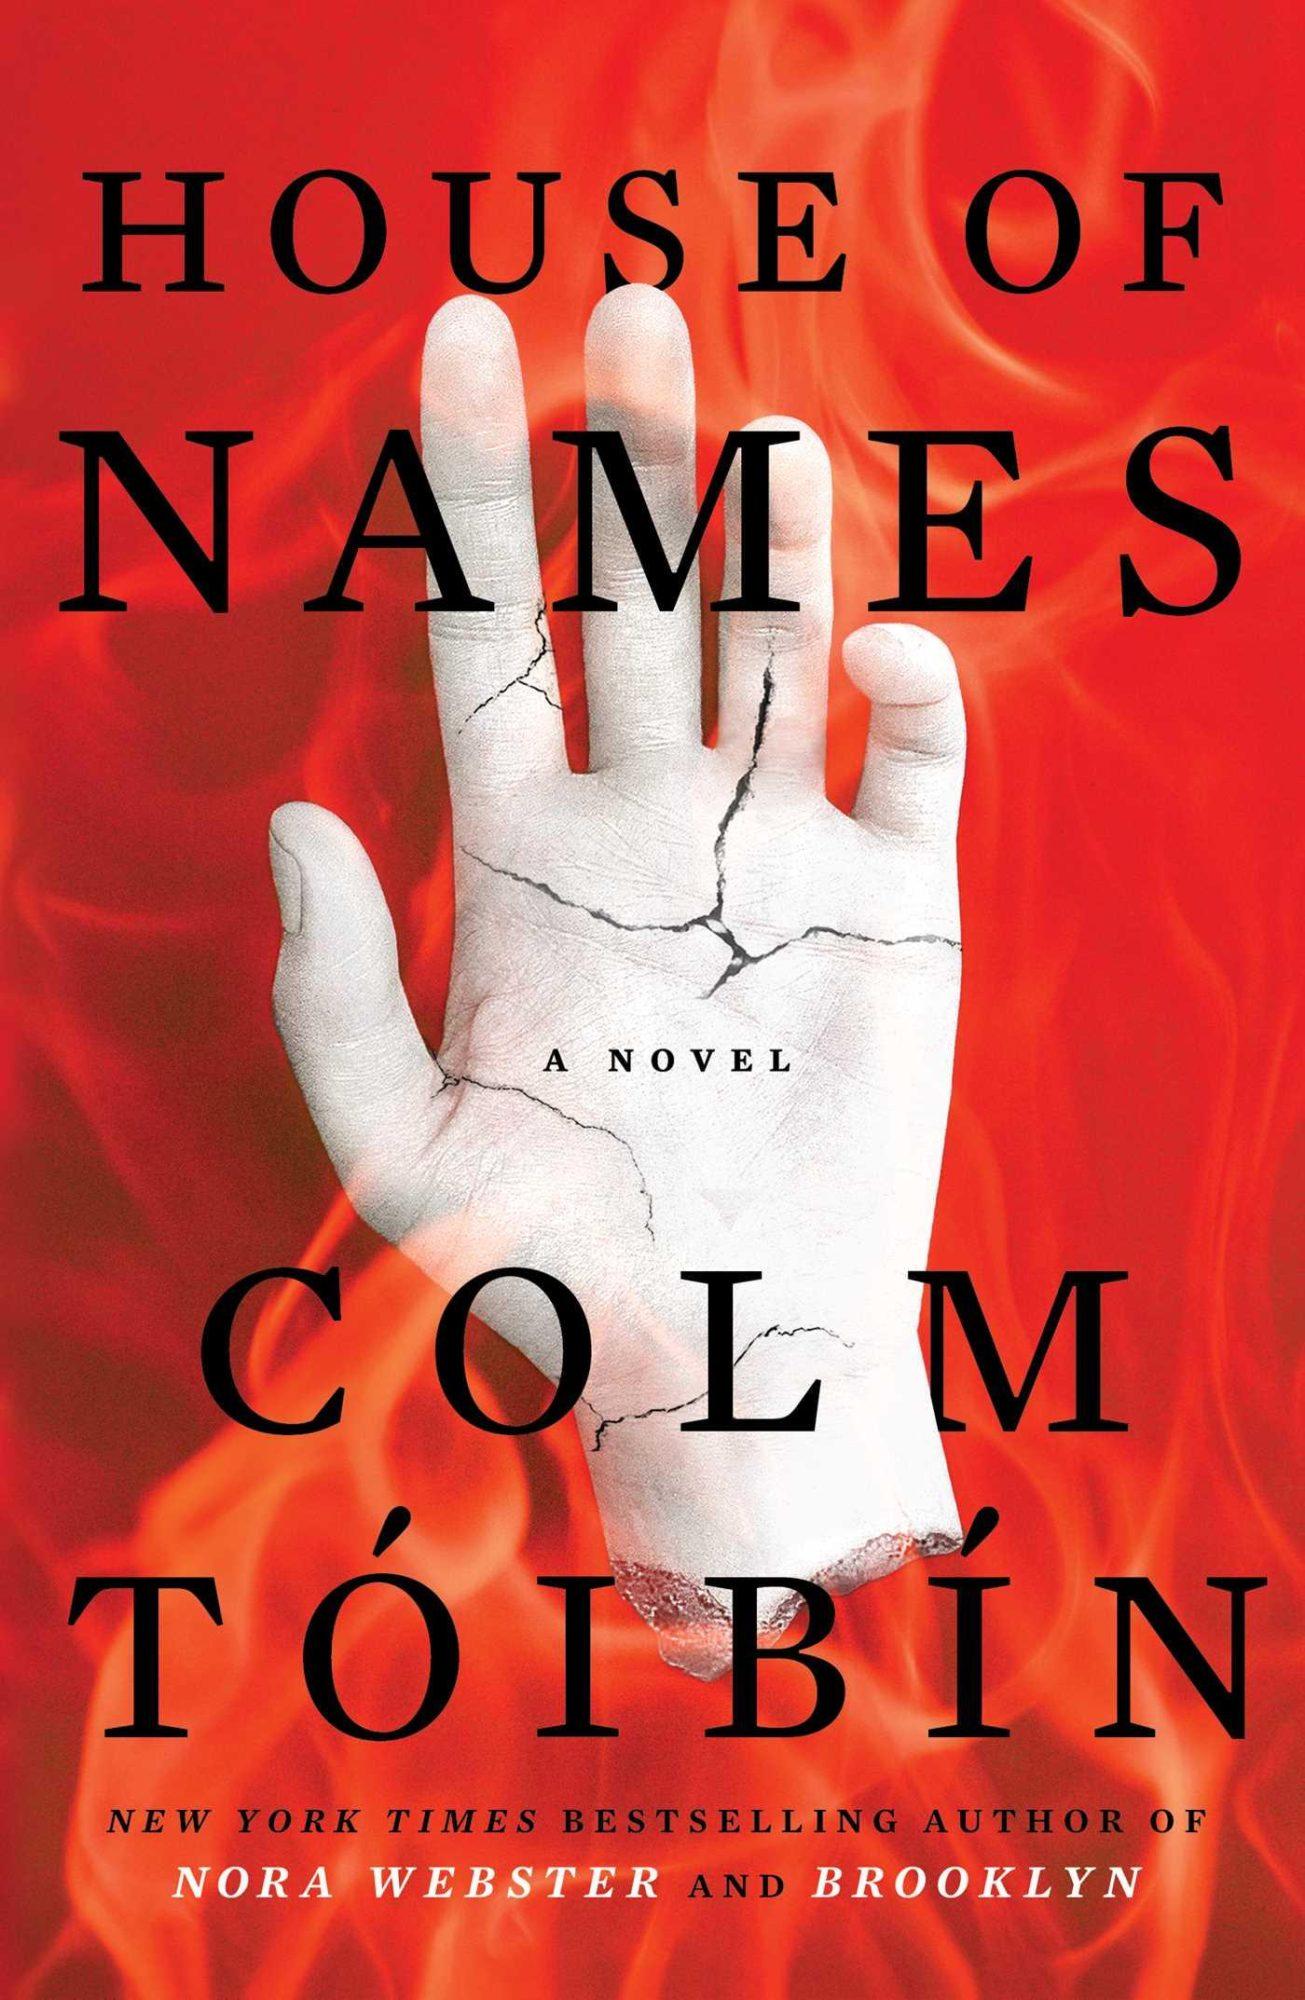 #1512 – Colm Tóibín